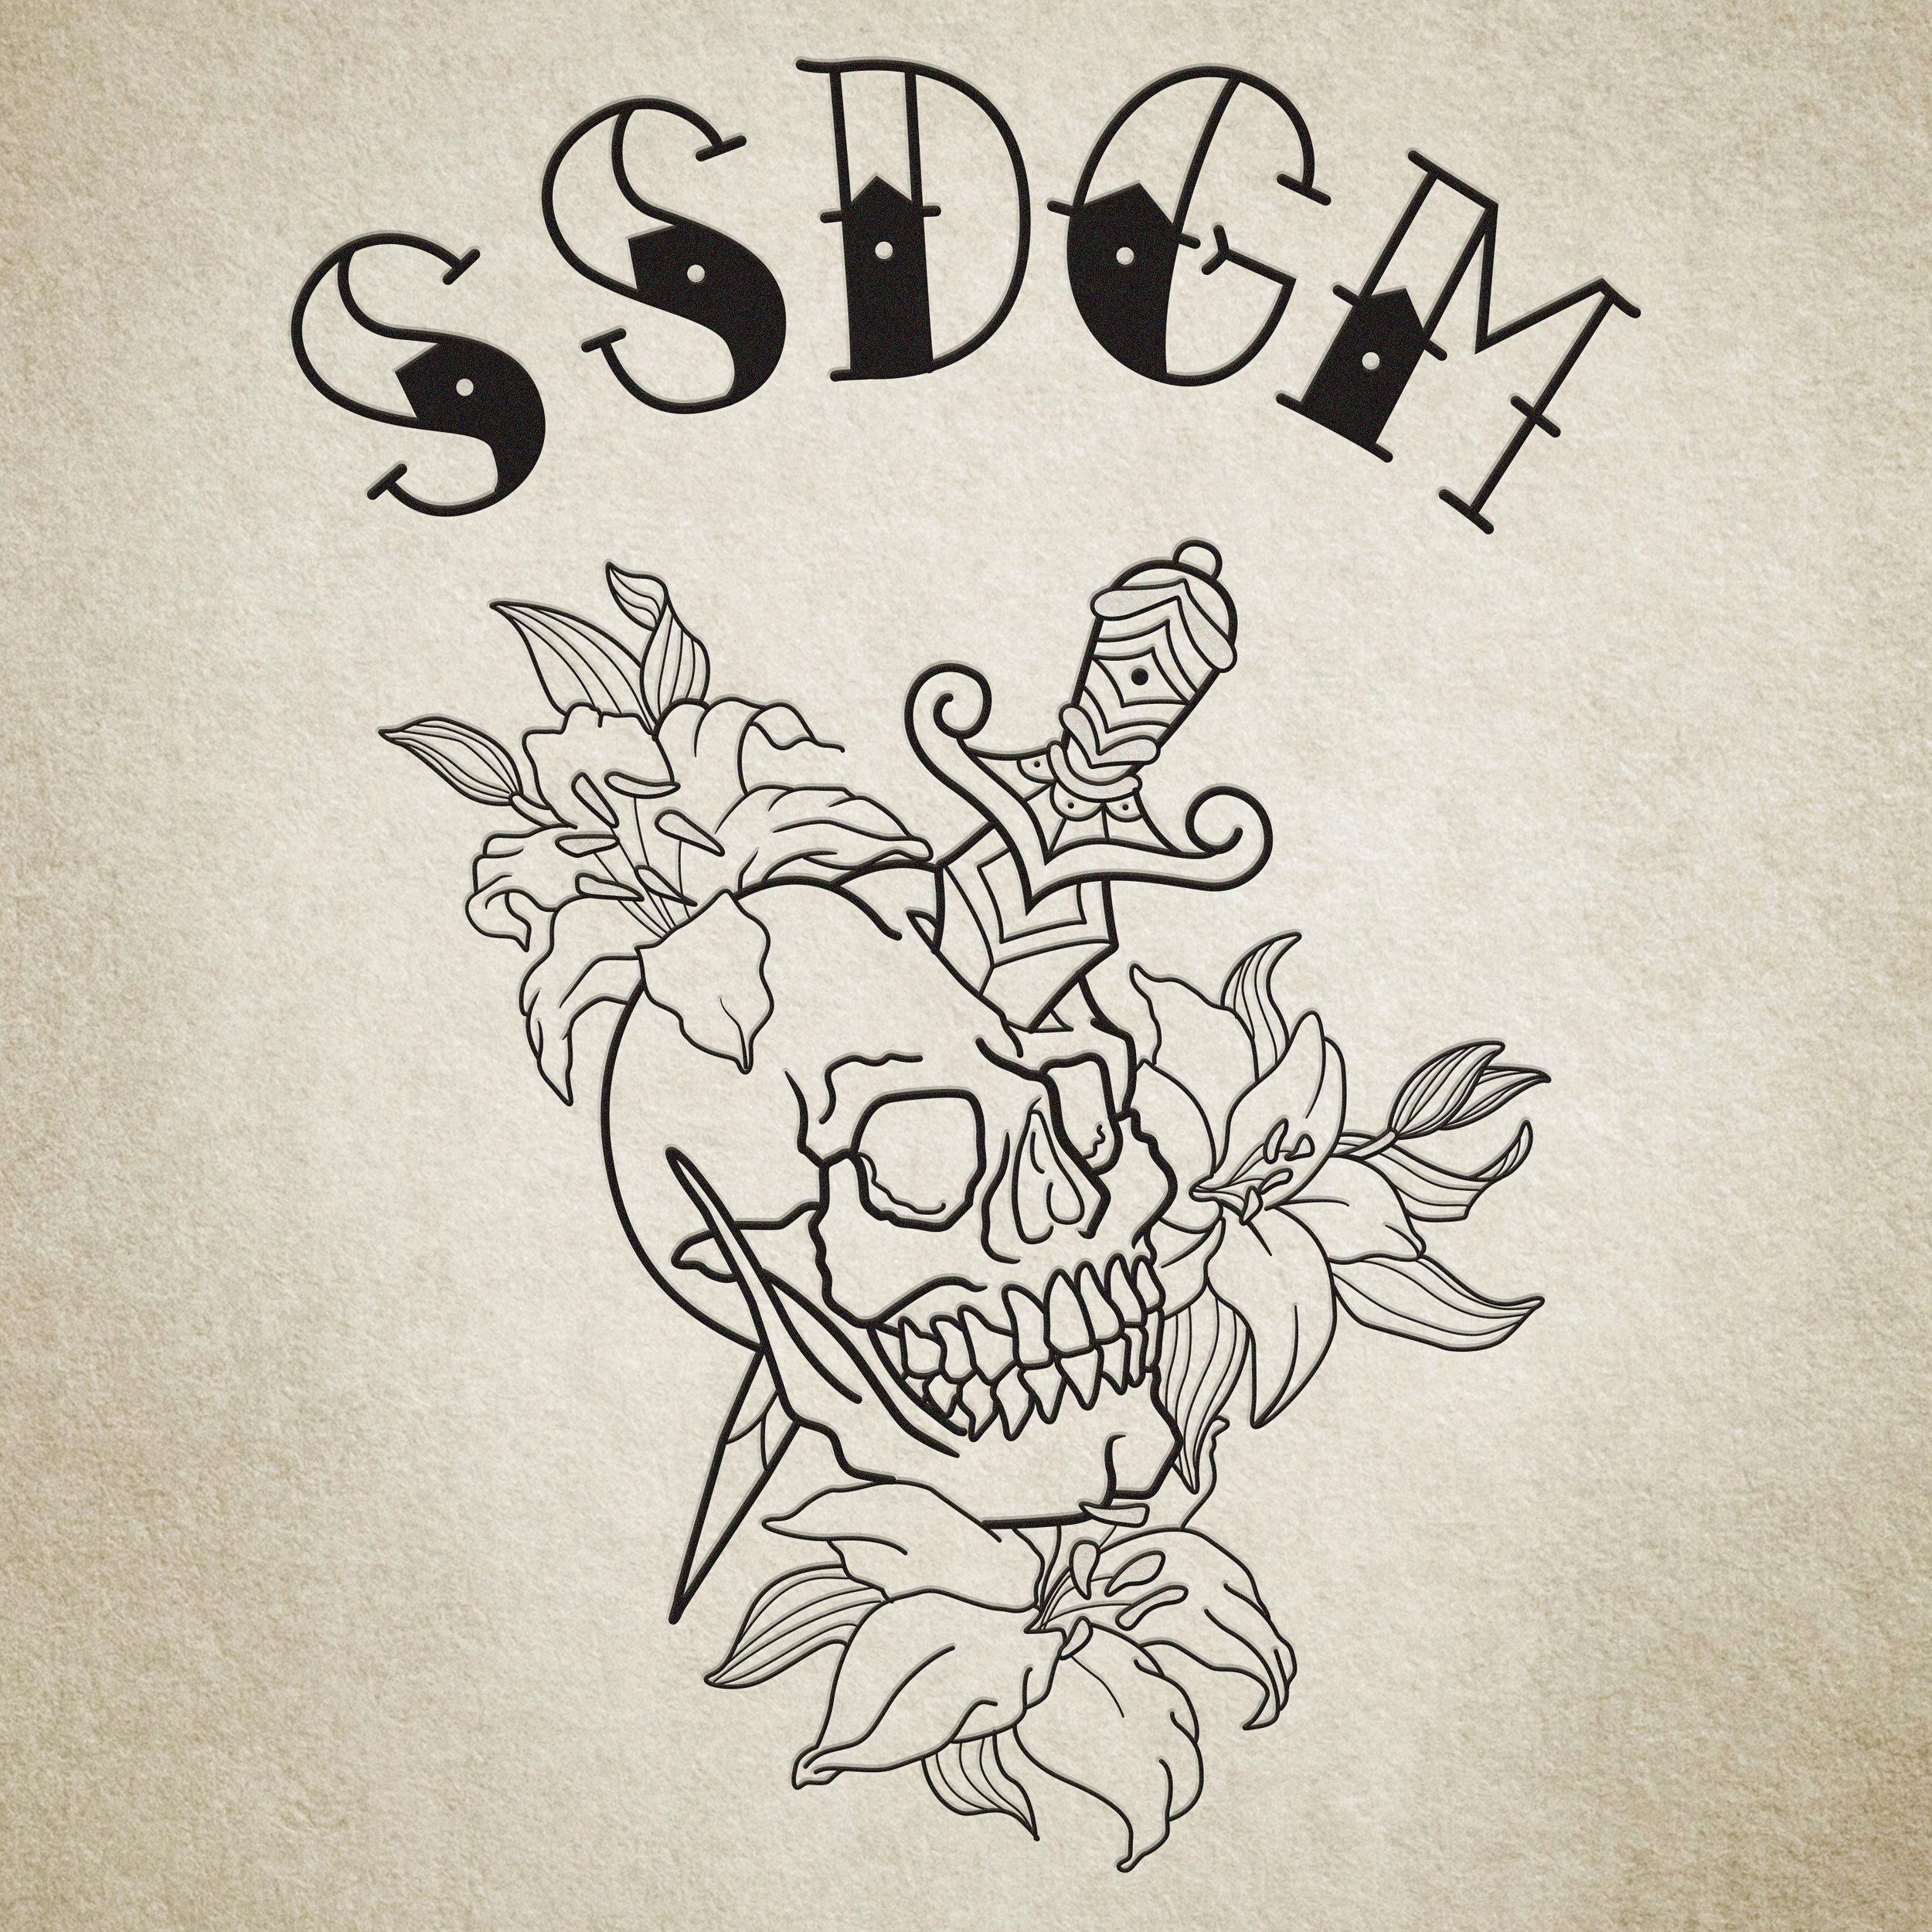 SSDGM Lettering & Skull